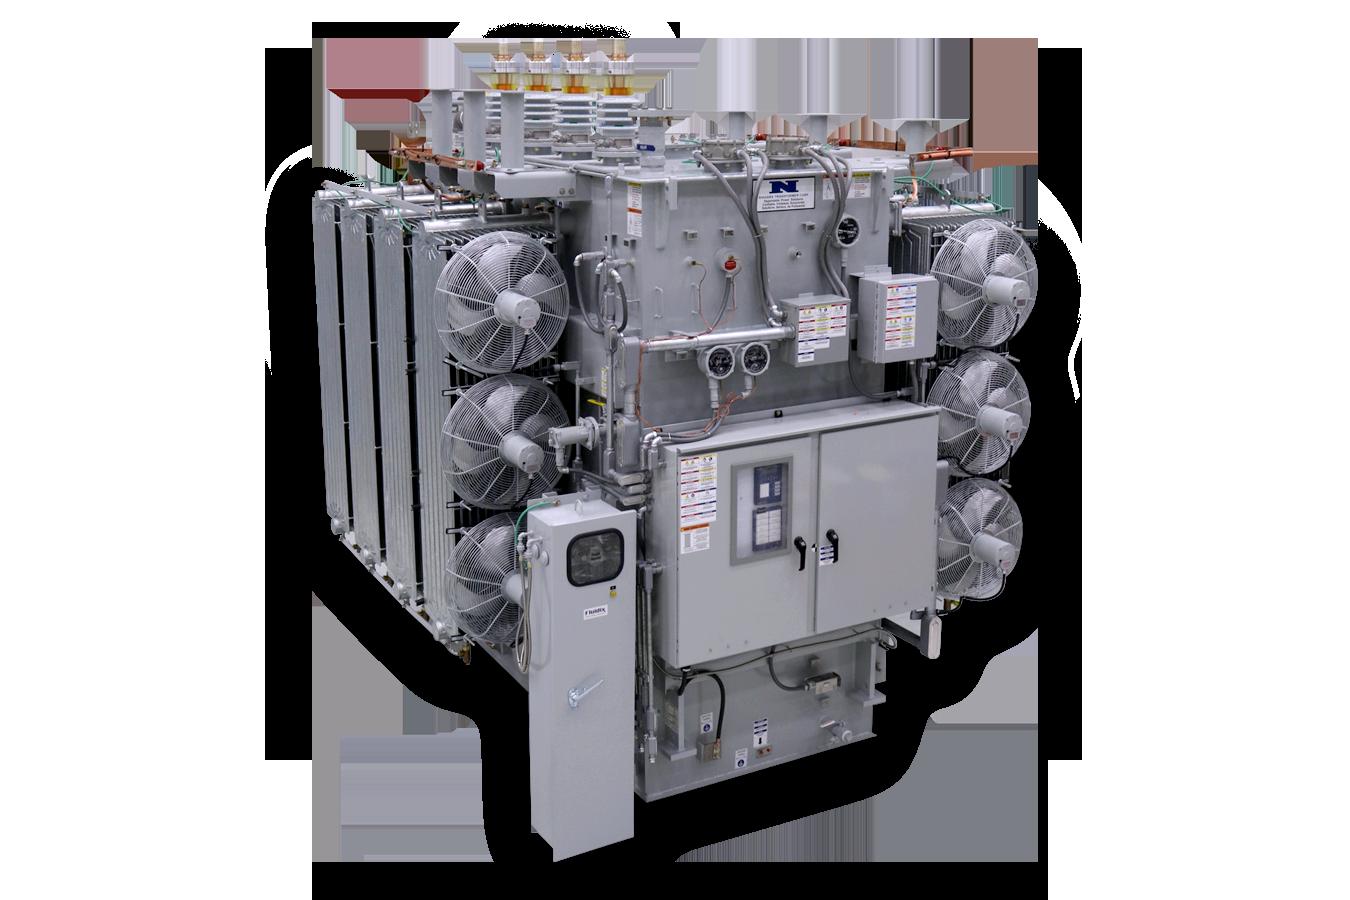 Station Service Transformer (SST) Niagara Transformer